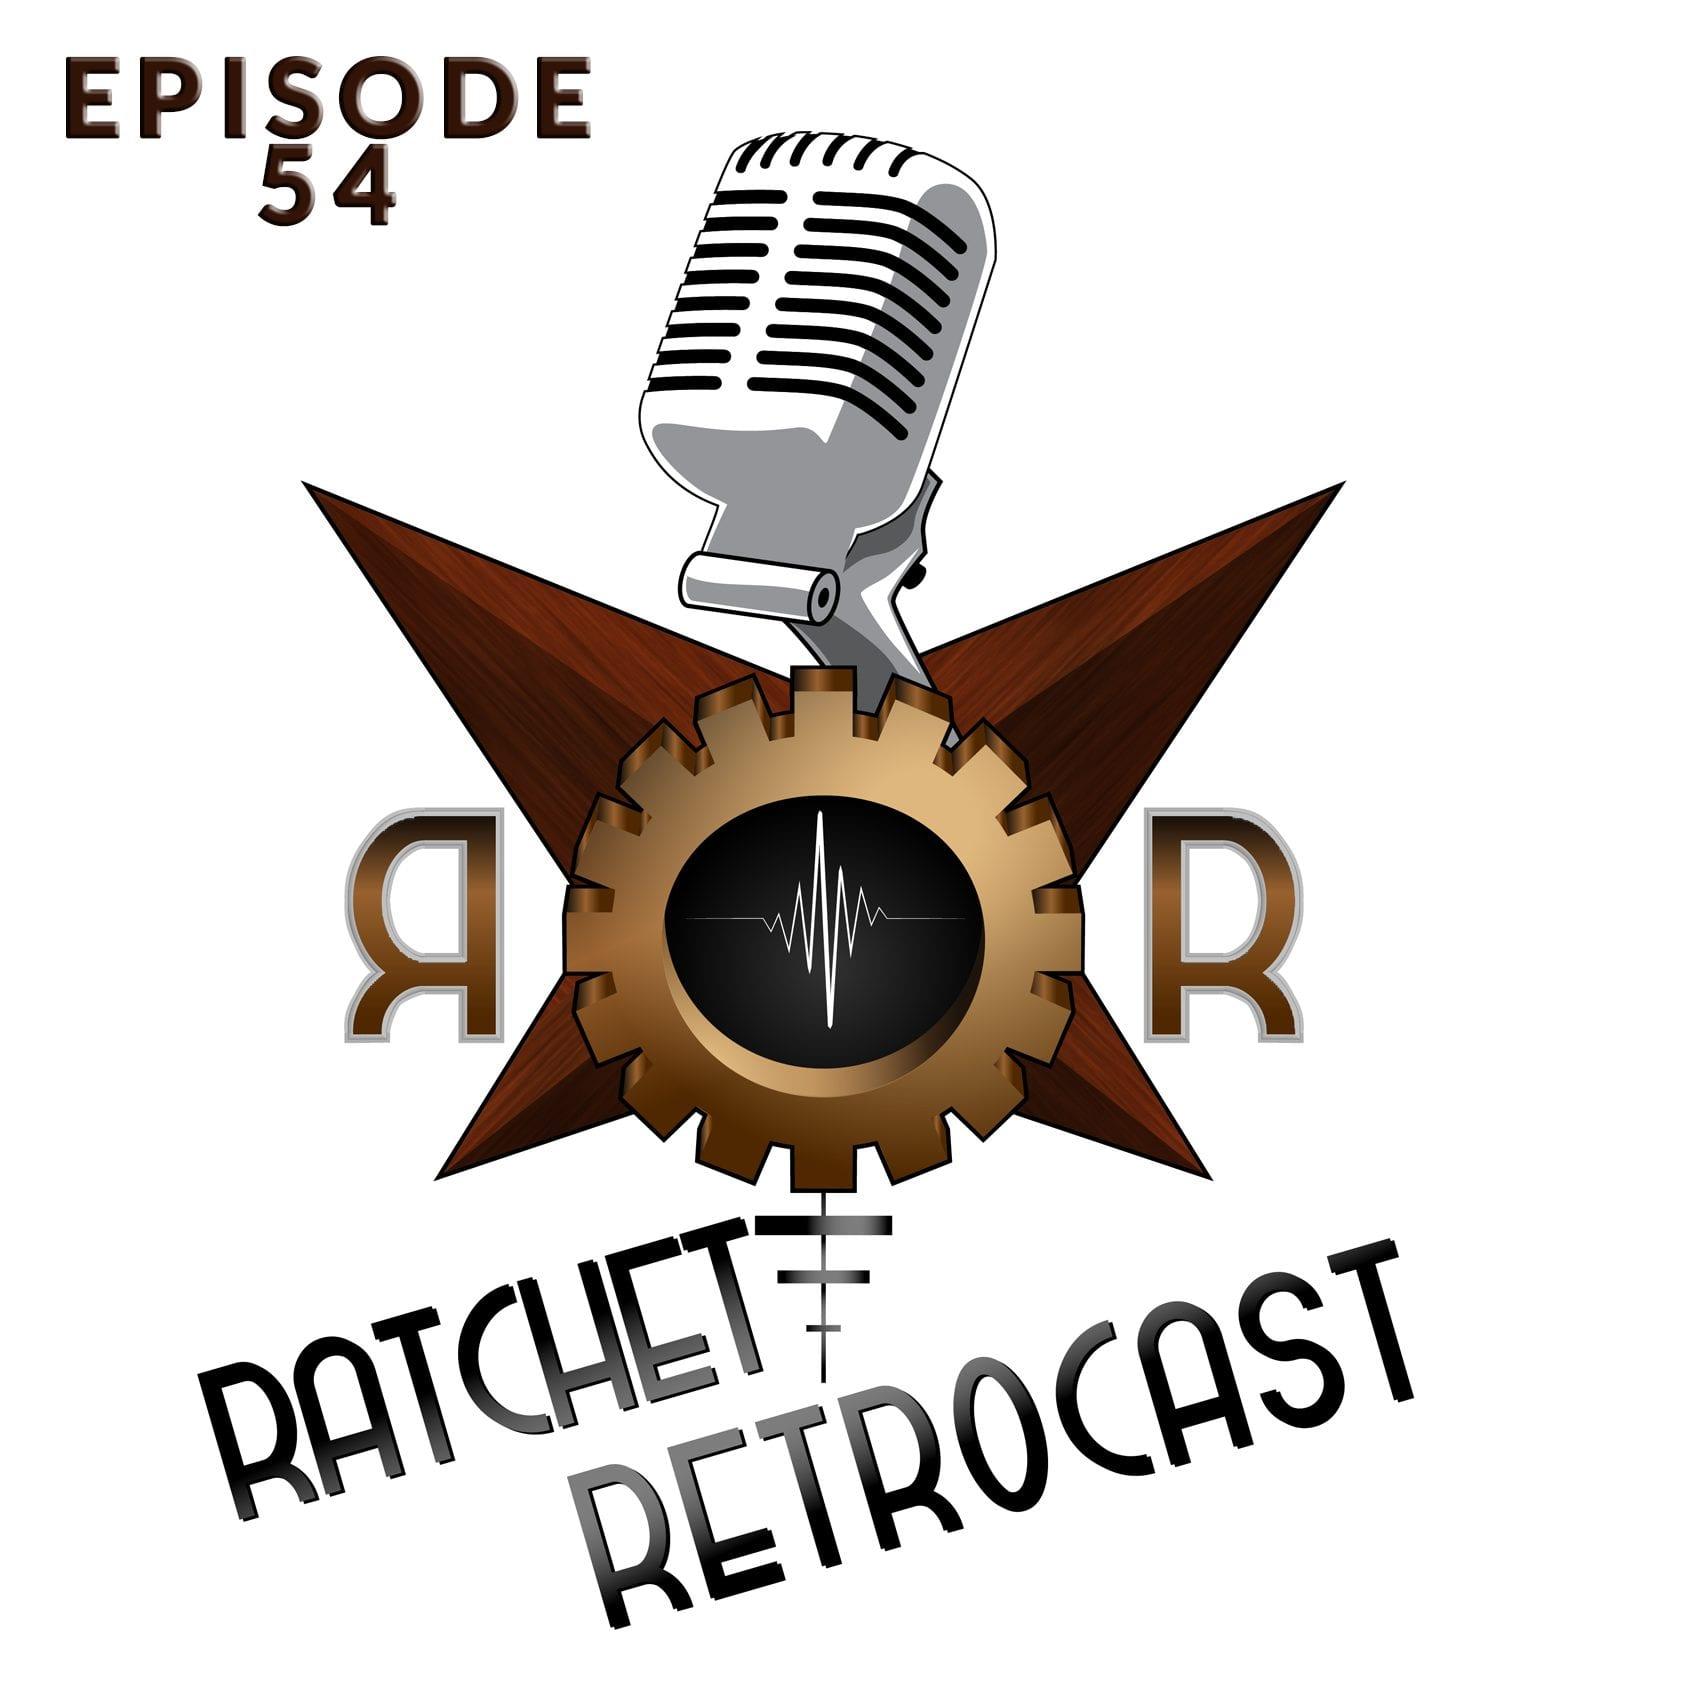 The Ratchet Retrocast Ep 54